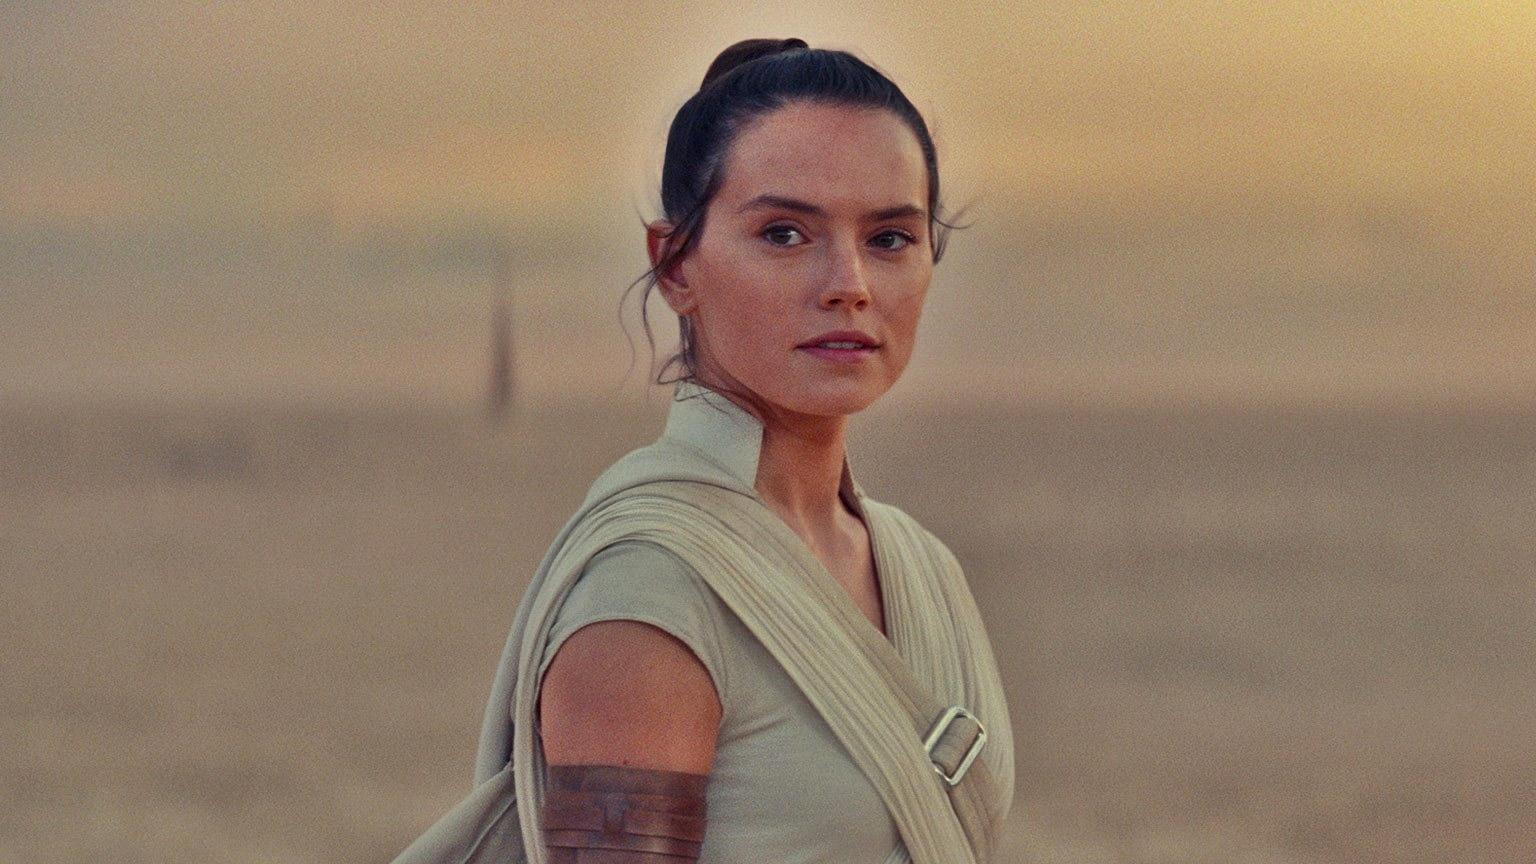 Una popular teoría fan sobre Rey en Star Wars casi se hizo realidad, según Daisy Ridley - HobbyConsolas Entretenimiento